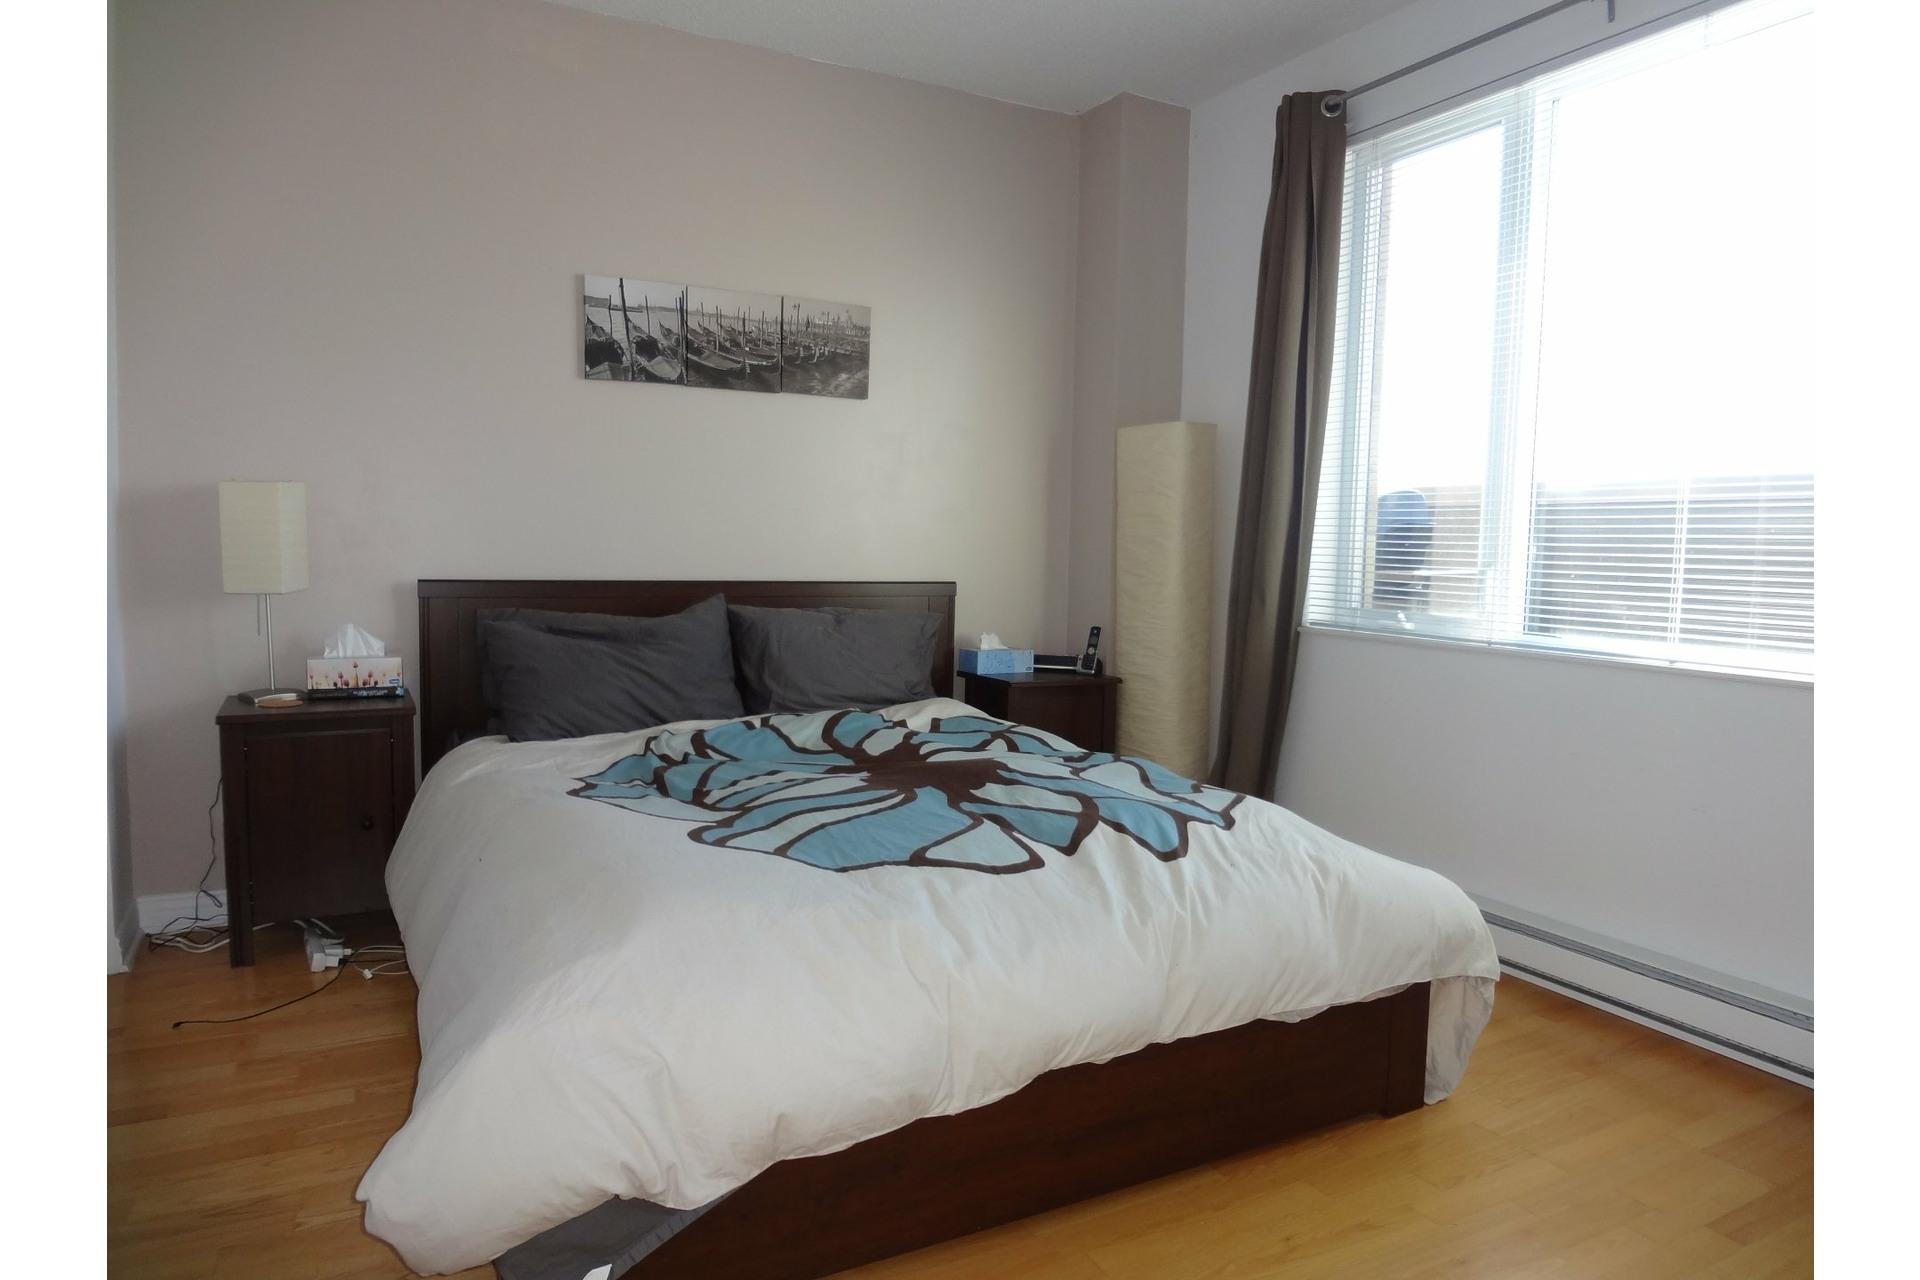 image 5 - Apartment For rent Montréal Ville-Marie  - 4 rooms